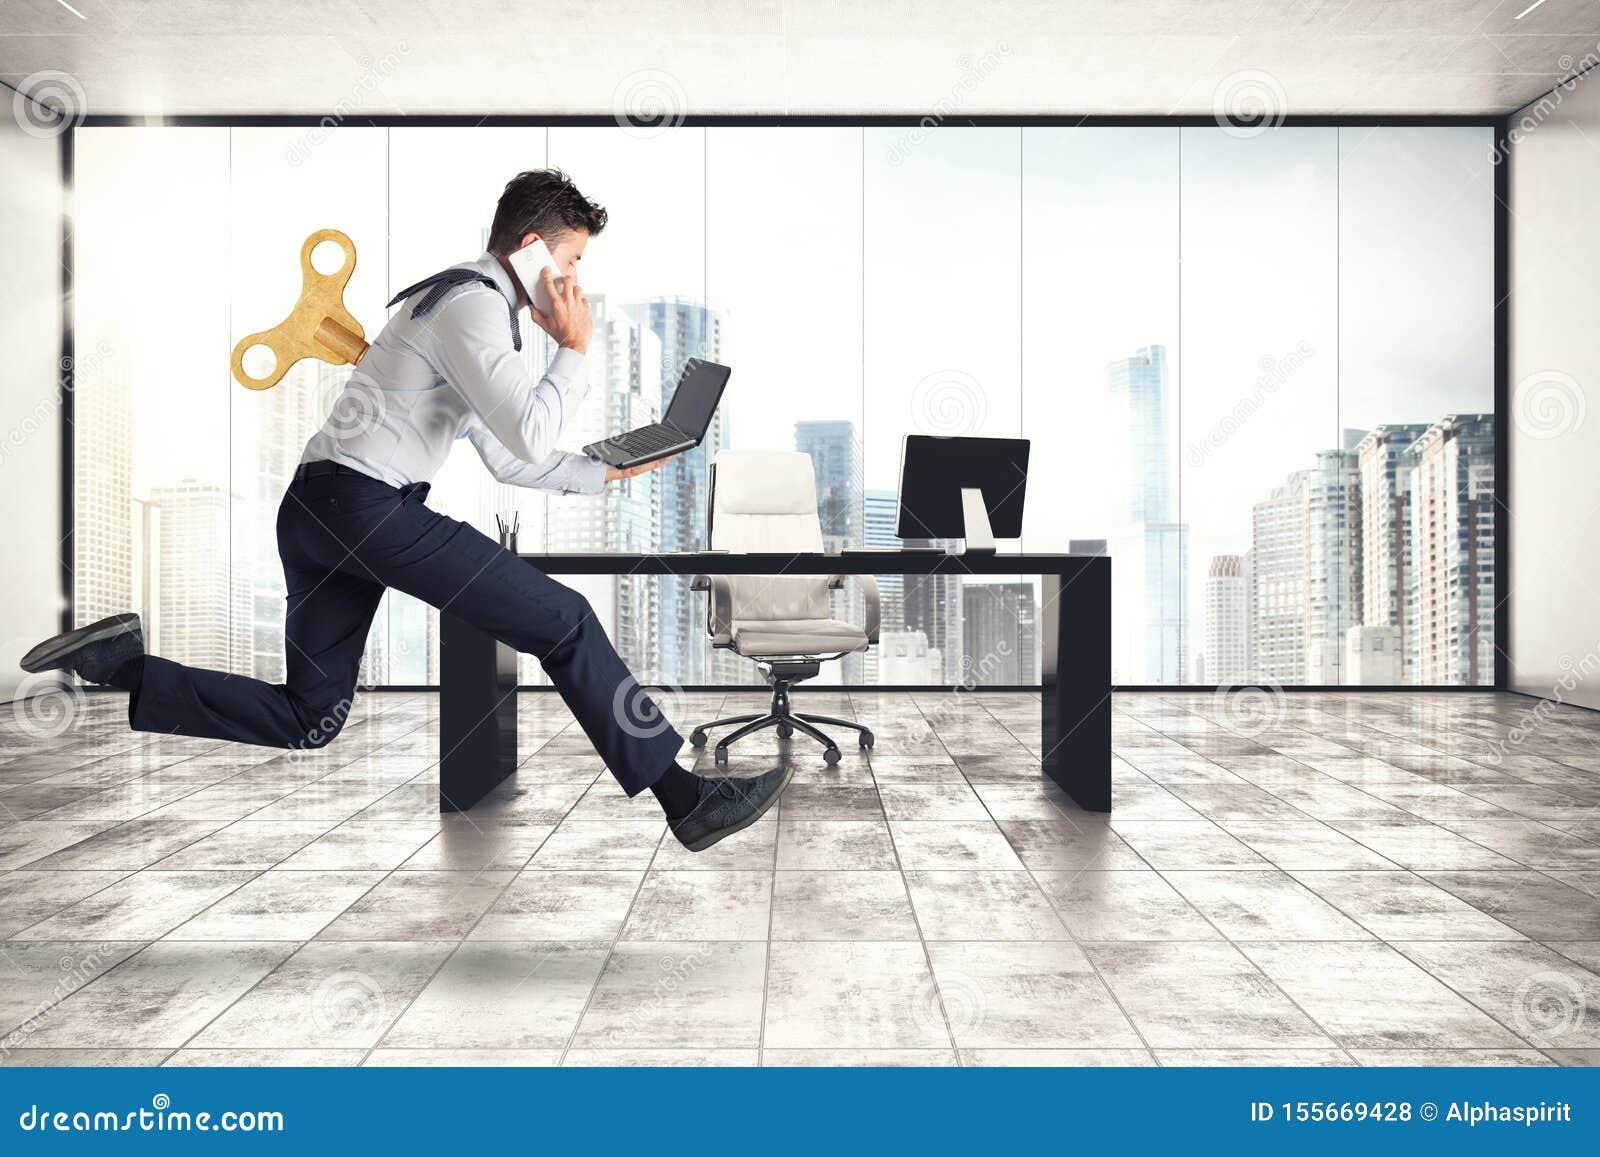 El hombre de negocios corre para el trabajo sin conseguir cansado con energía adicional